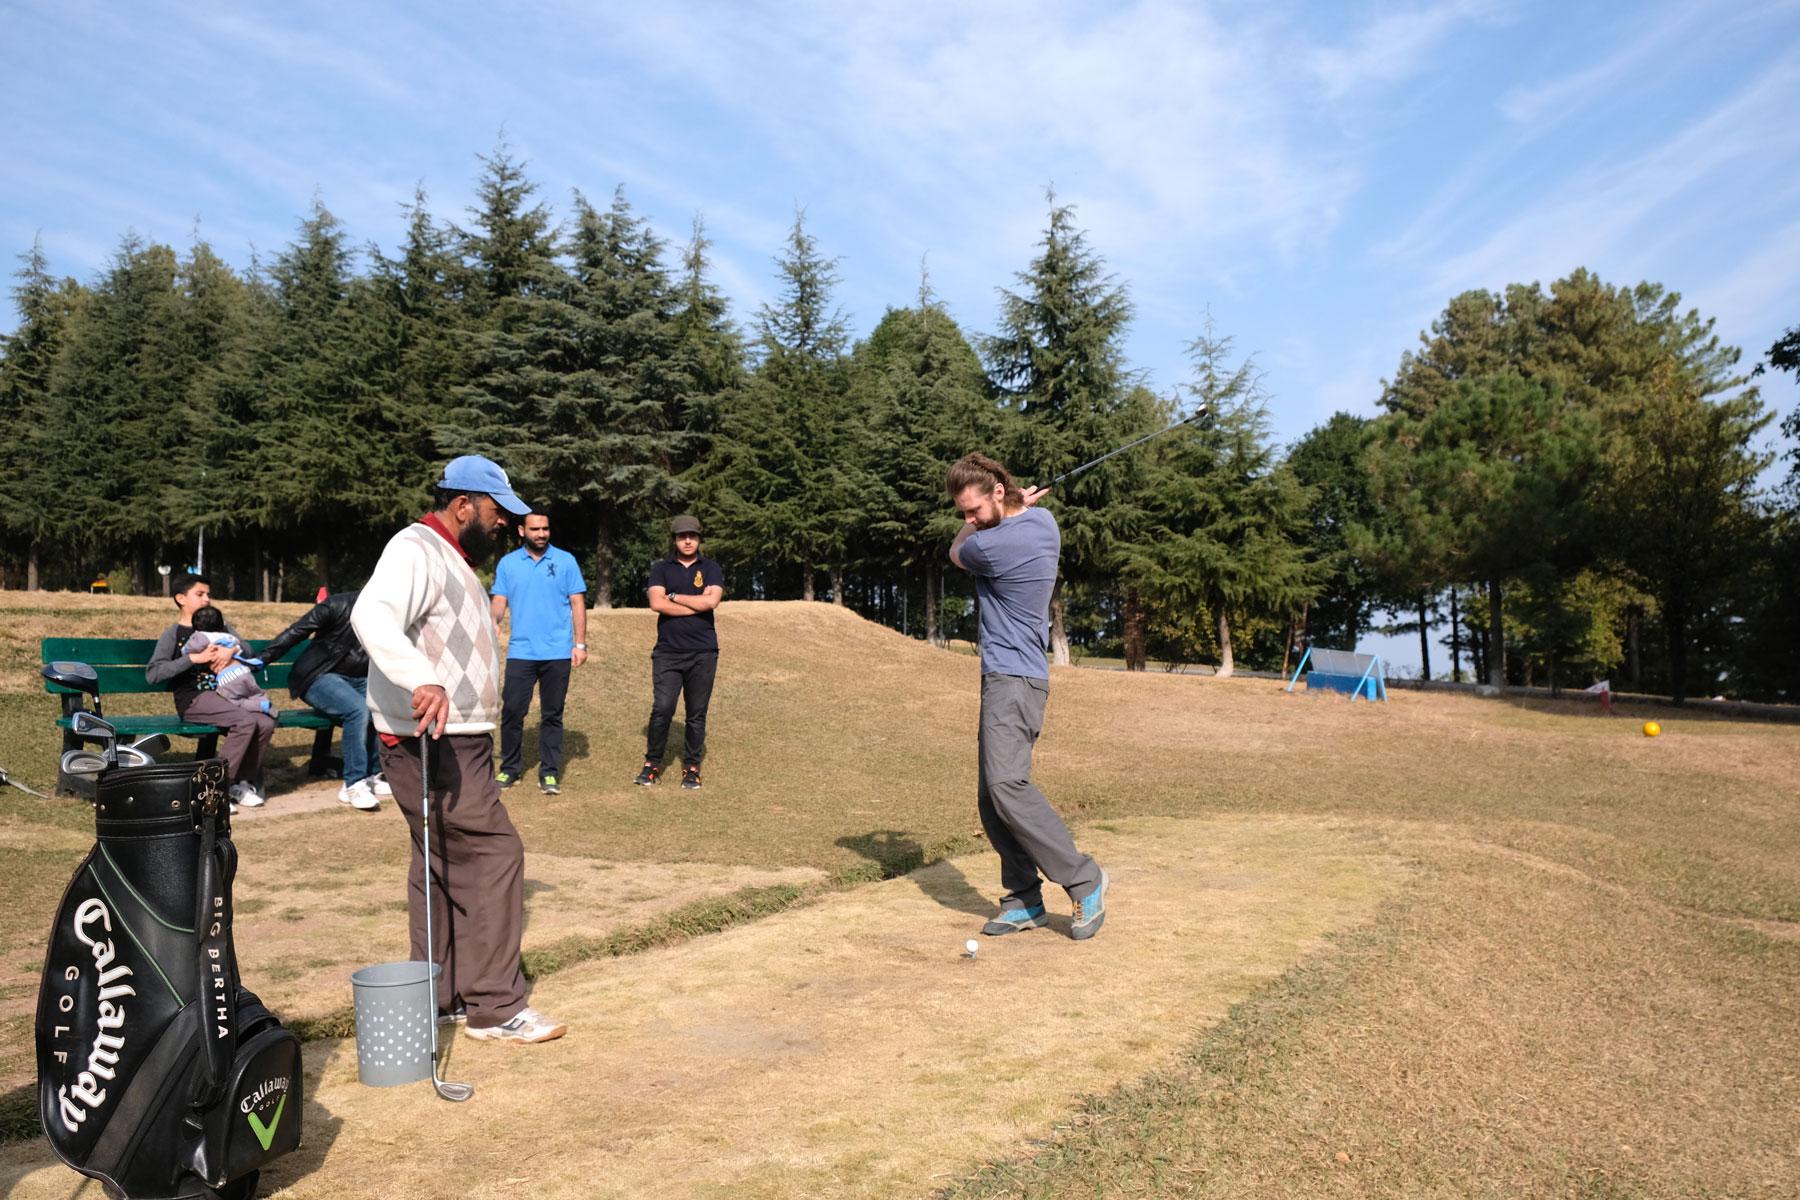 Sebastian hat Zuschauer beim Golfabschlag.